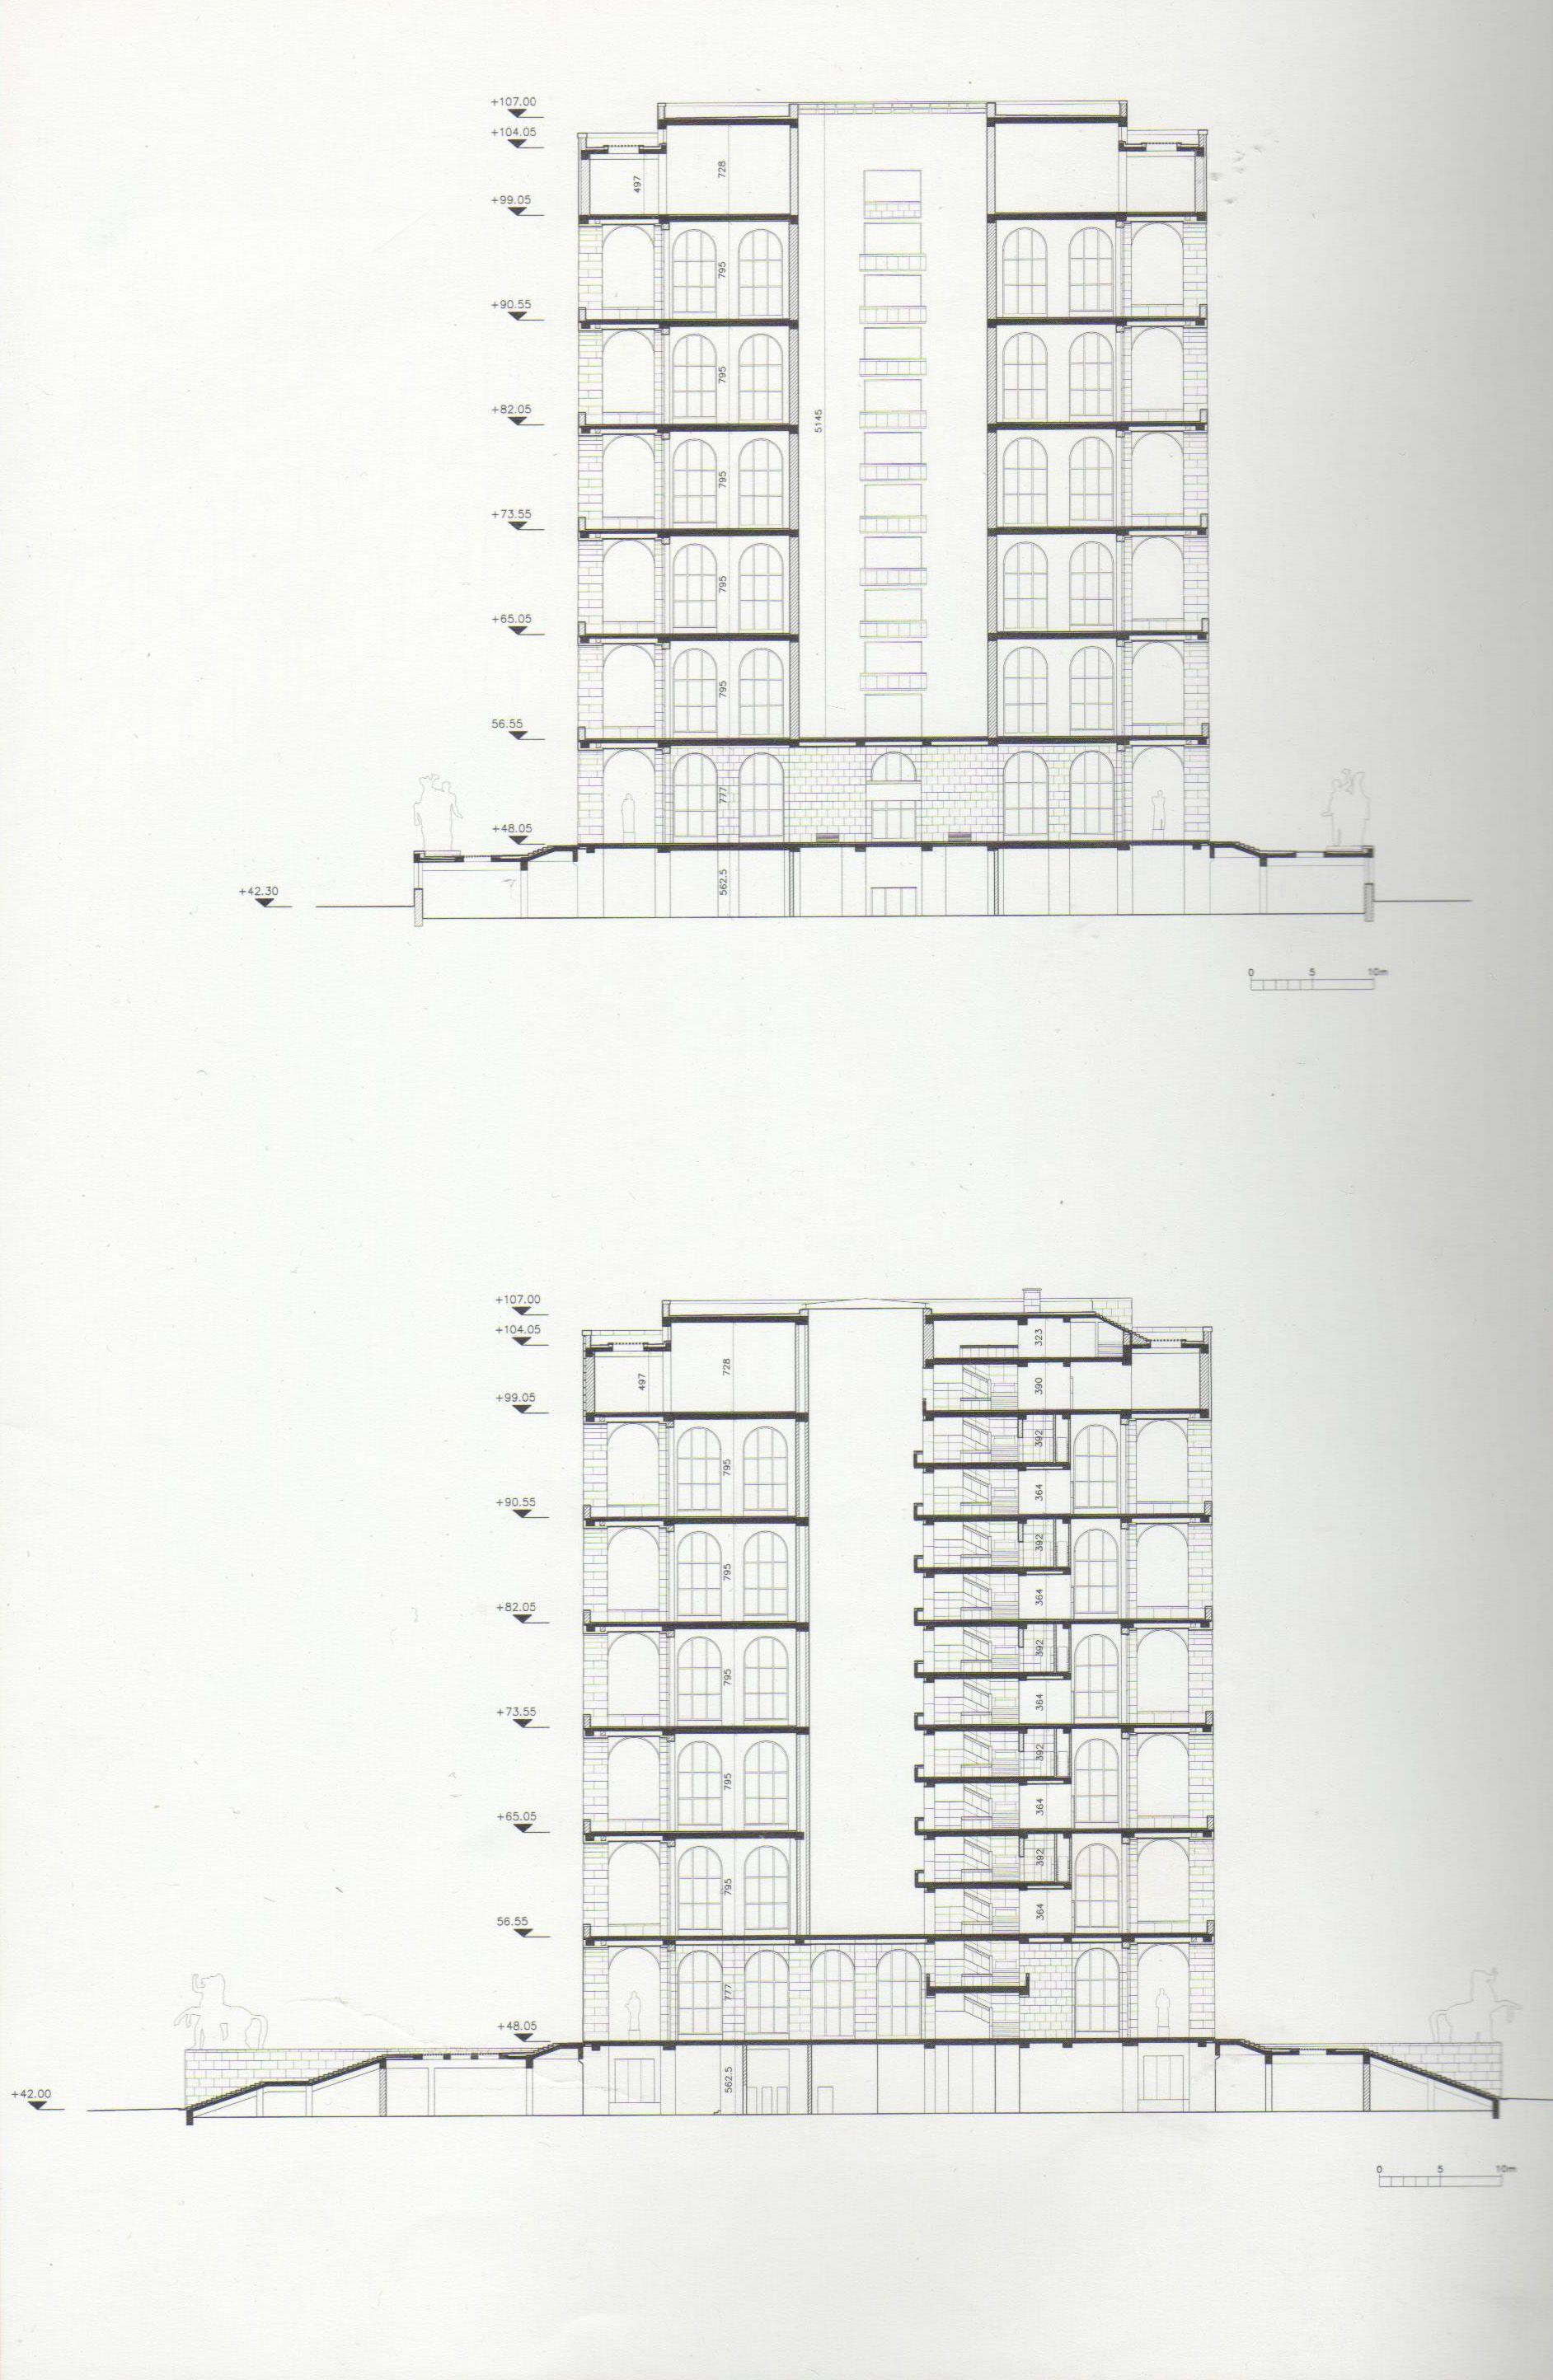 Sezione Trasversale Longitudinale Palazzo Della Civilt Italiana Dazor Lamp Wiring Diagram Eur Roma Pinterest Architecture And